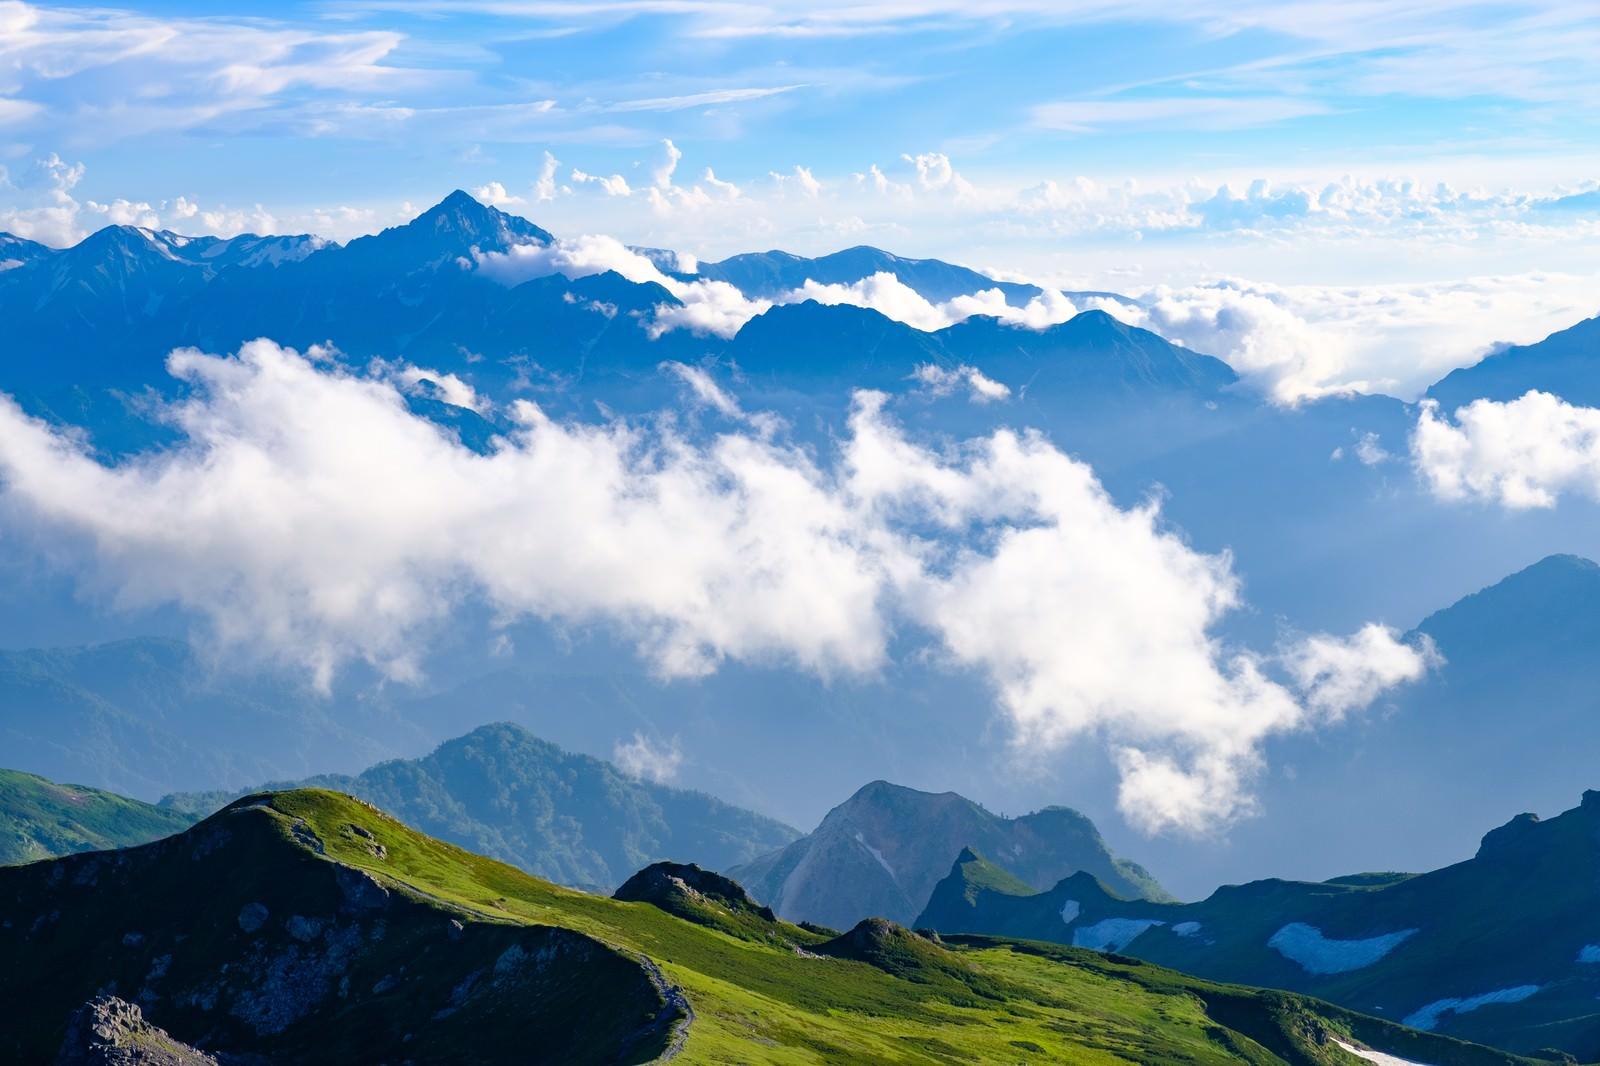 「白馬岳の彼方に見える雲海と剣岳」の写真